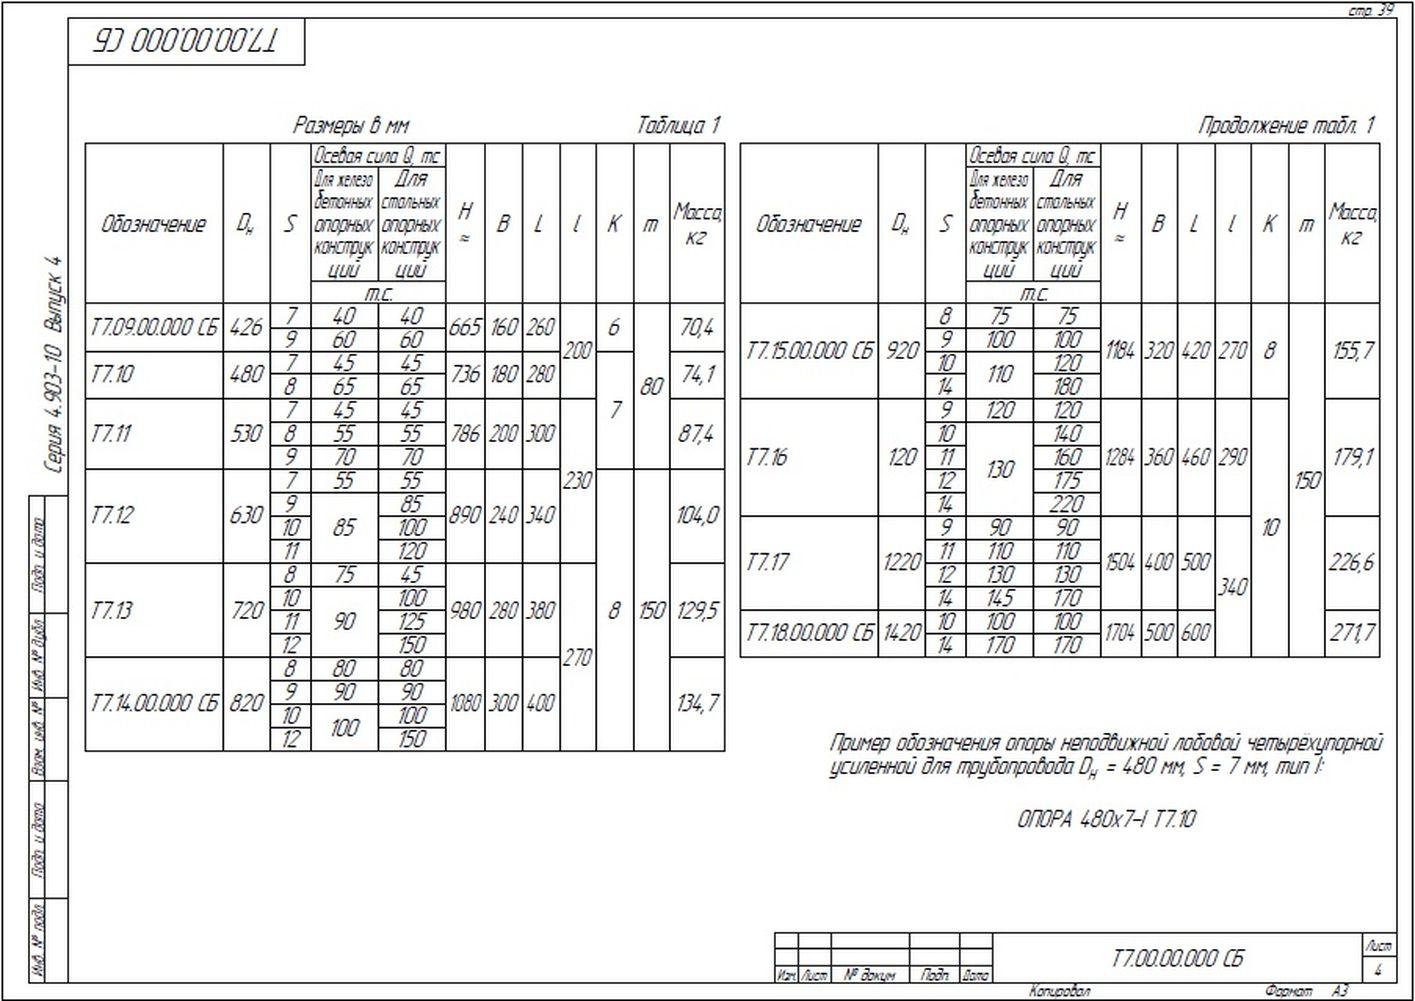 Опора неподвижная лобовая четырехупорная усиленная Т7 серия 4.903-10 вып.4 стр.4